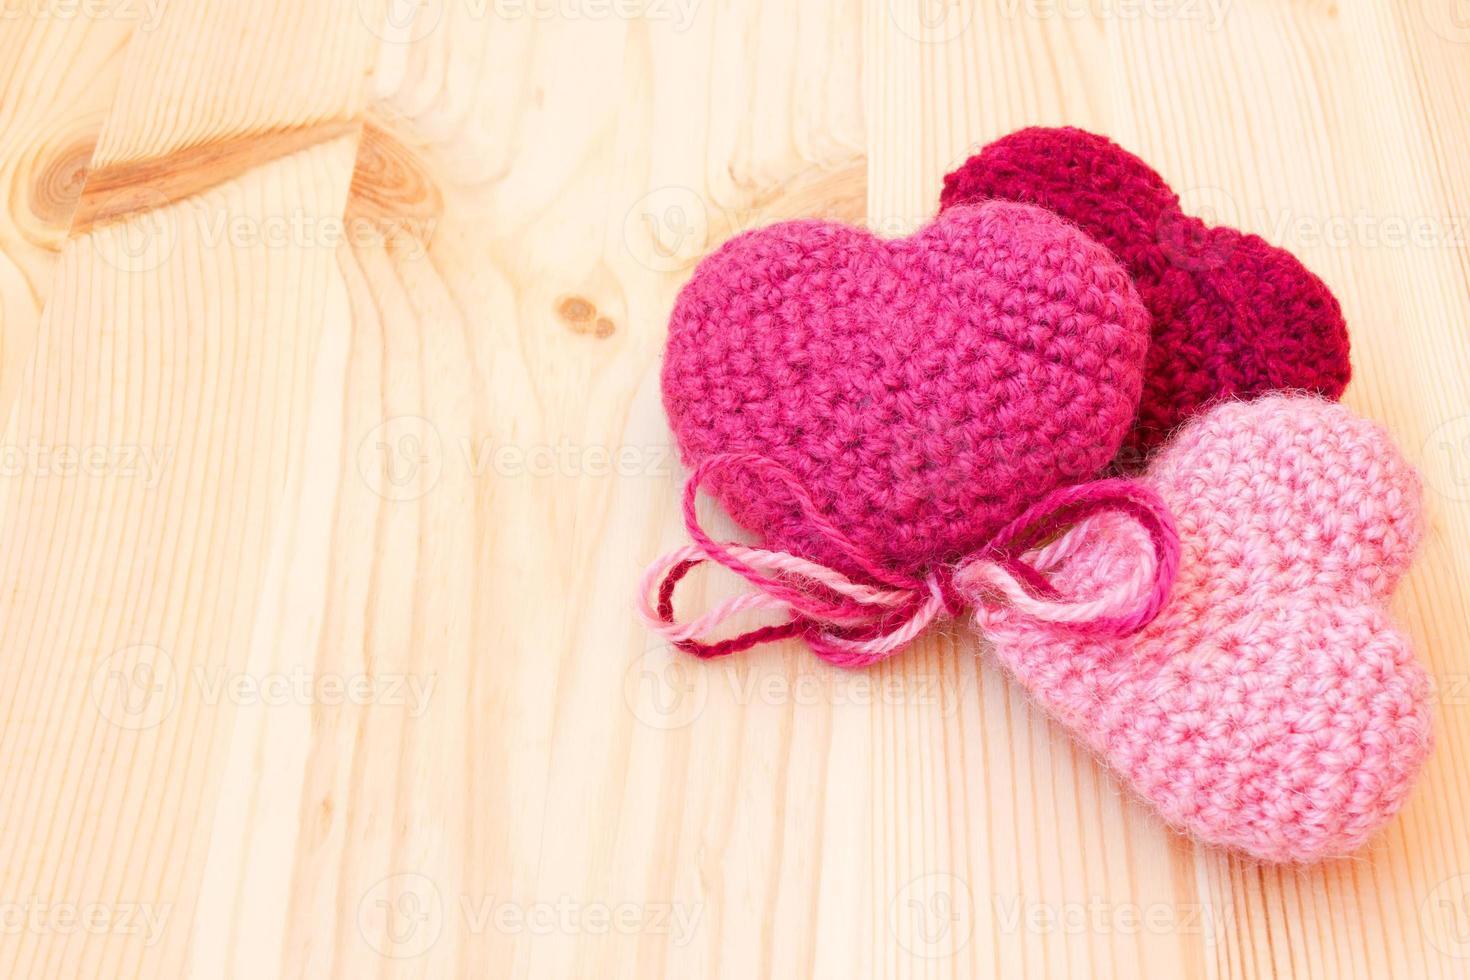 juguetes de punto en forma de corazones foto